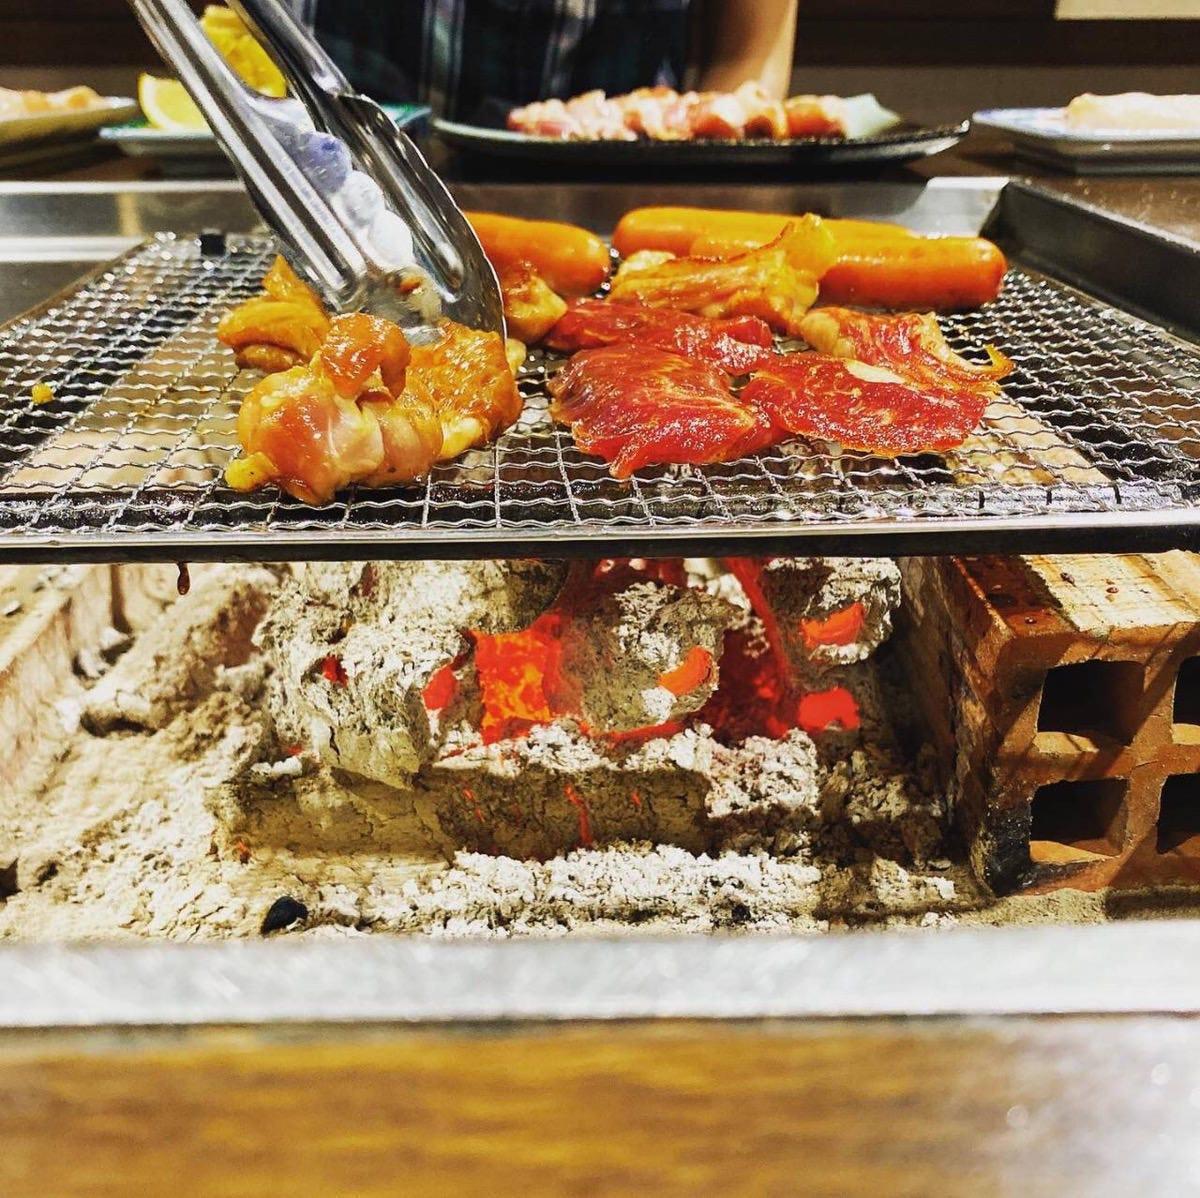 囲炉裏で焼き上げる『地鶏の炭火焼』